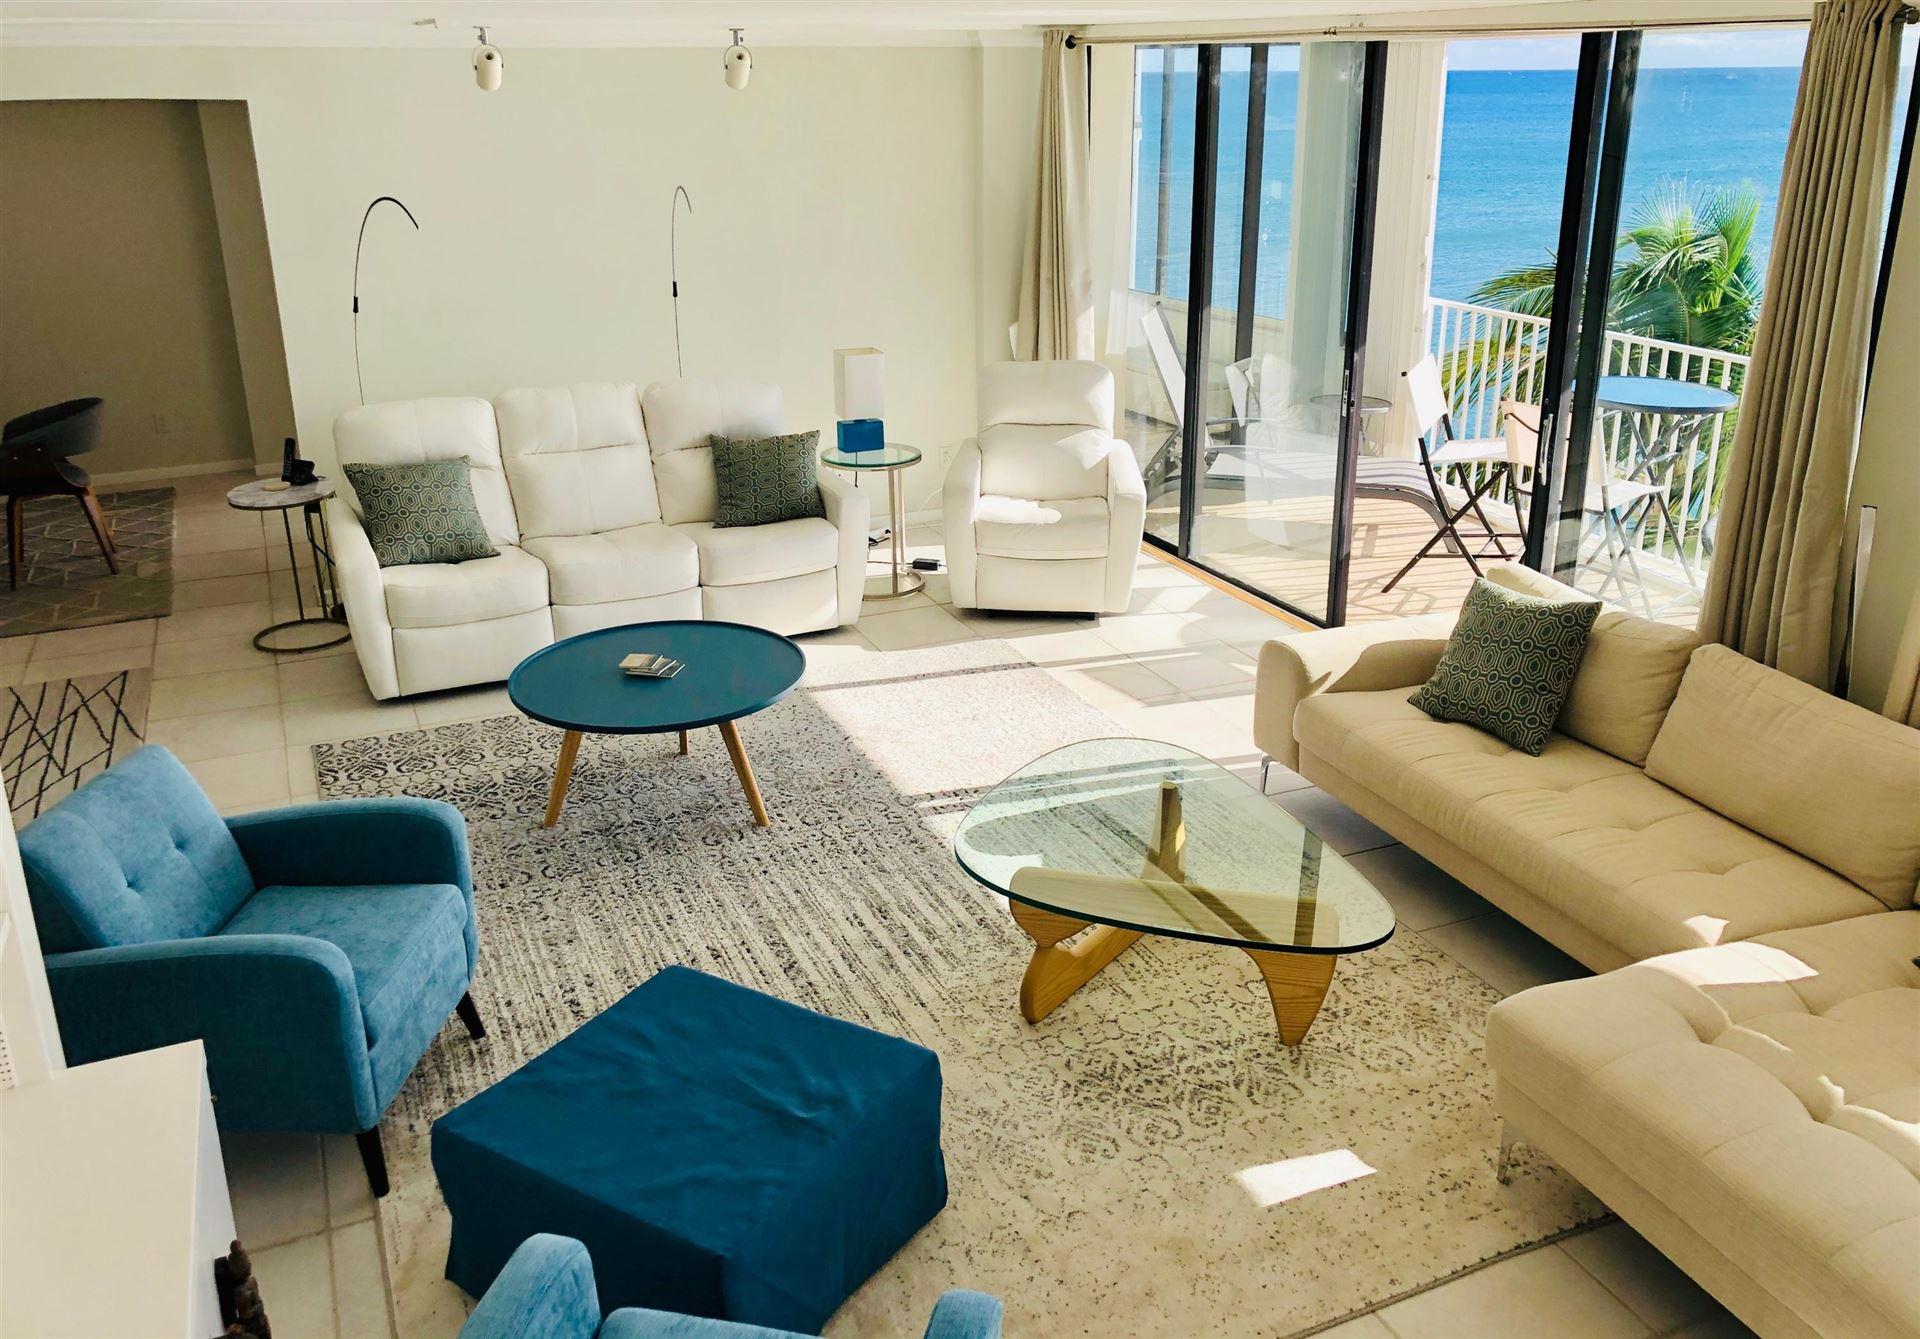 3590 Ocean, South Palm Beach, 33480 Photo 1